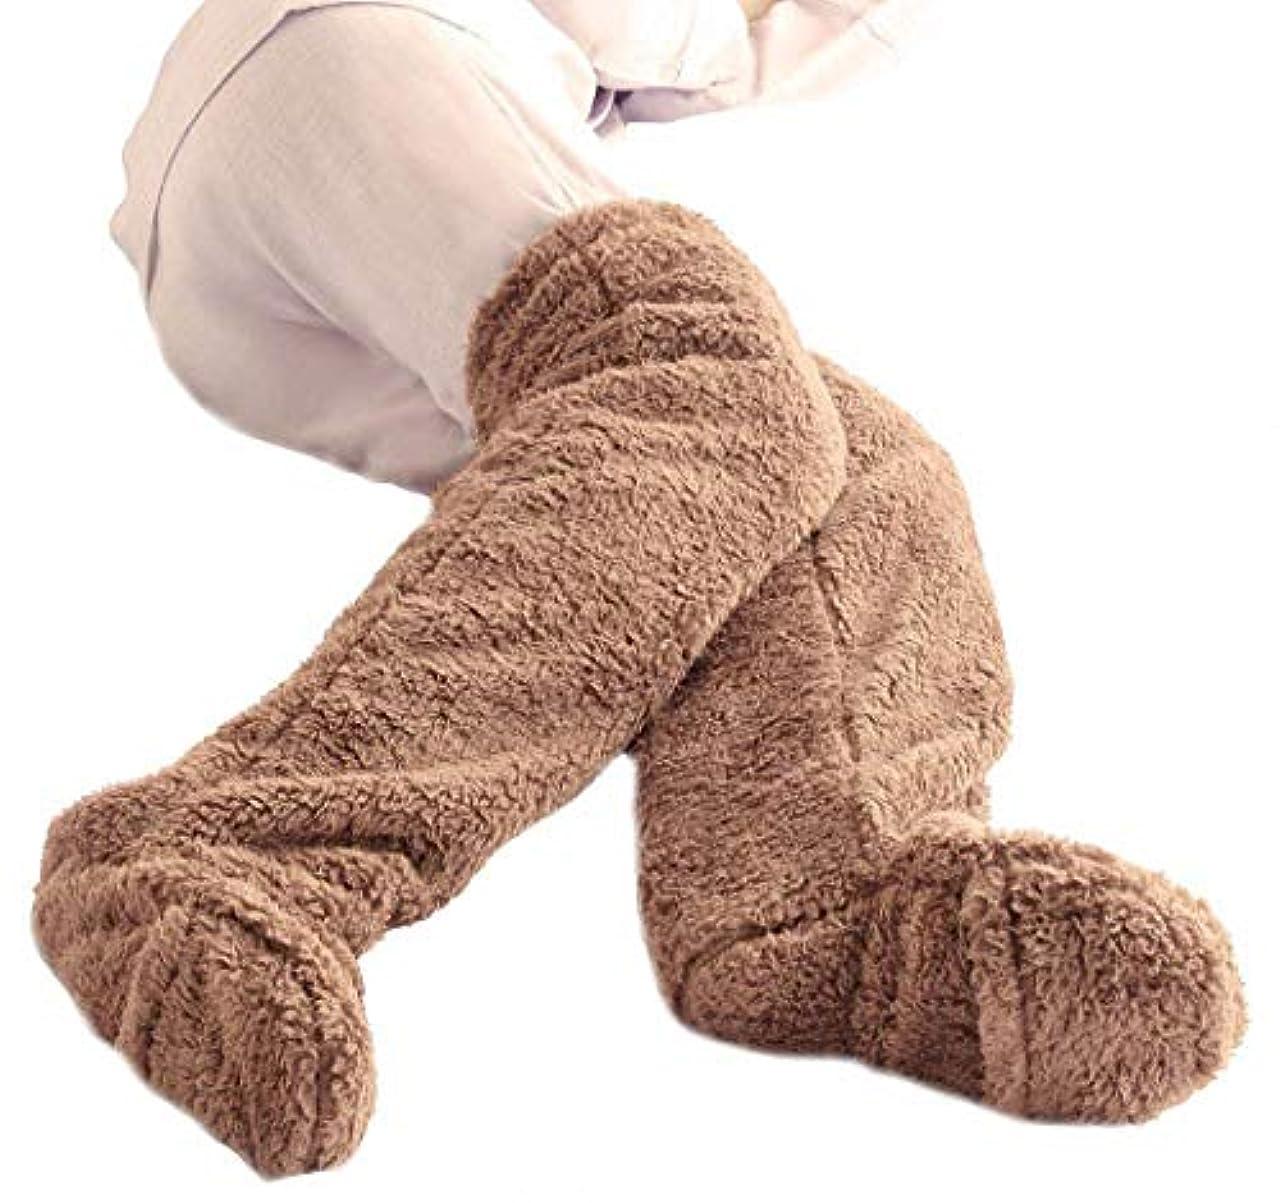 傾いた勇気のある半球フリース生地 室内履き 足が出せるロングカバー 軽量ヒートソックス 歩ける ロングカバー 極暖 ルームソックスルームシューズ